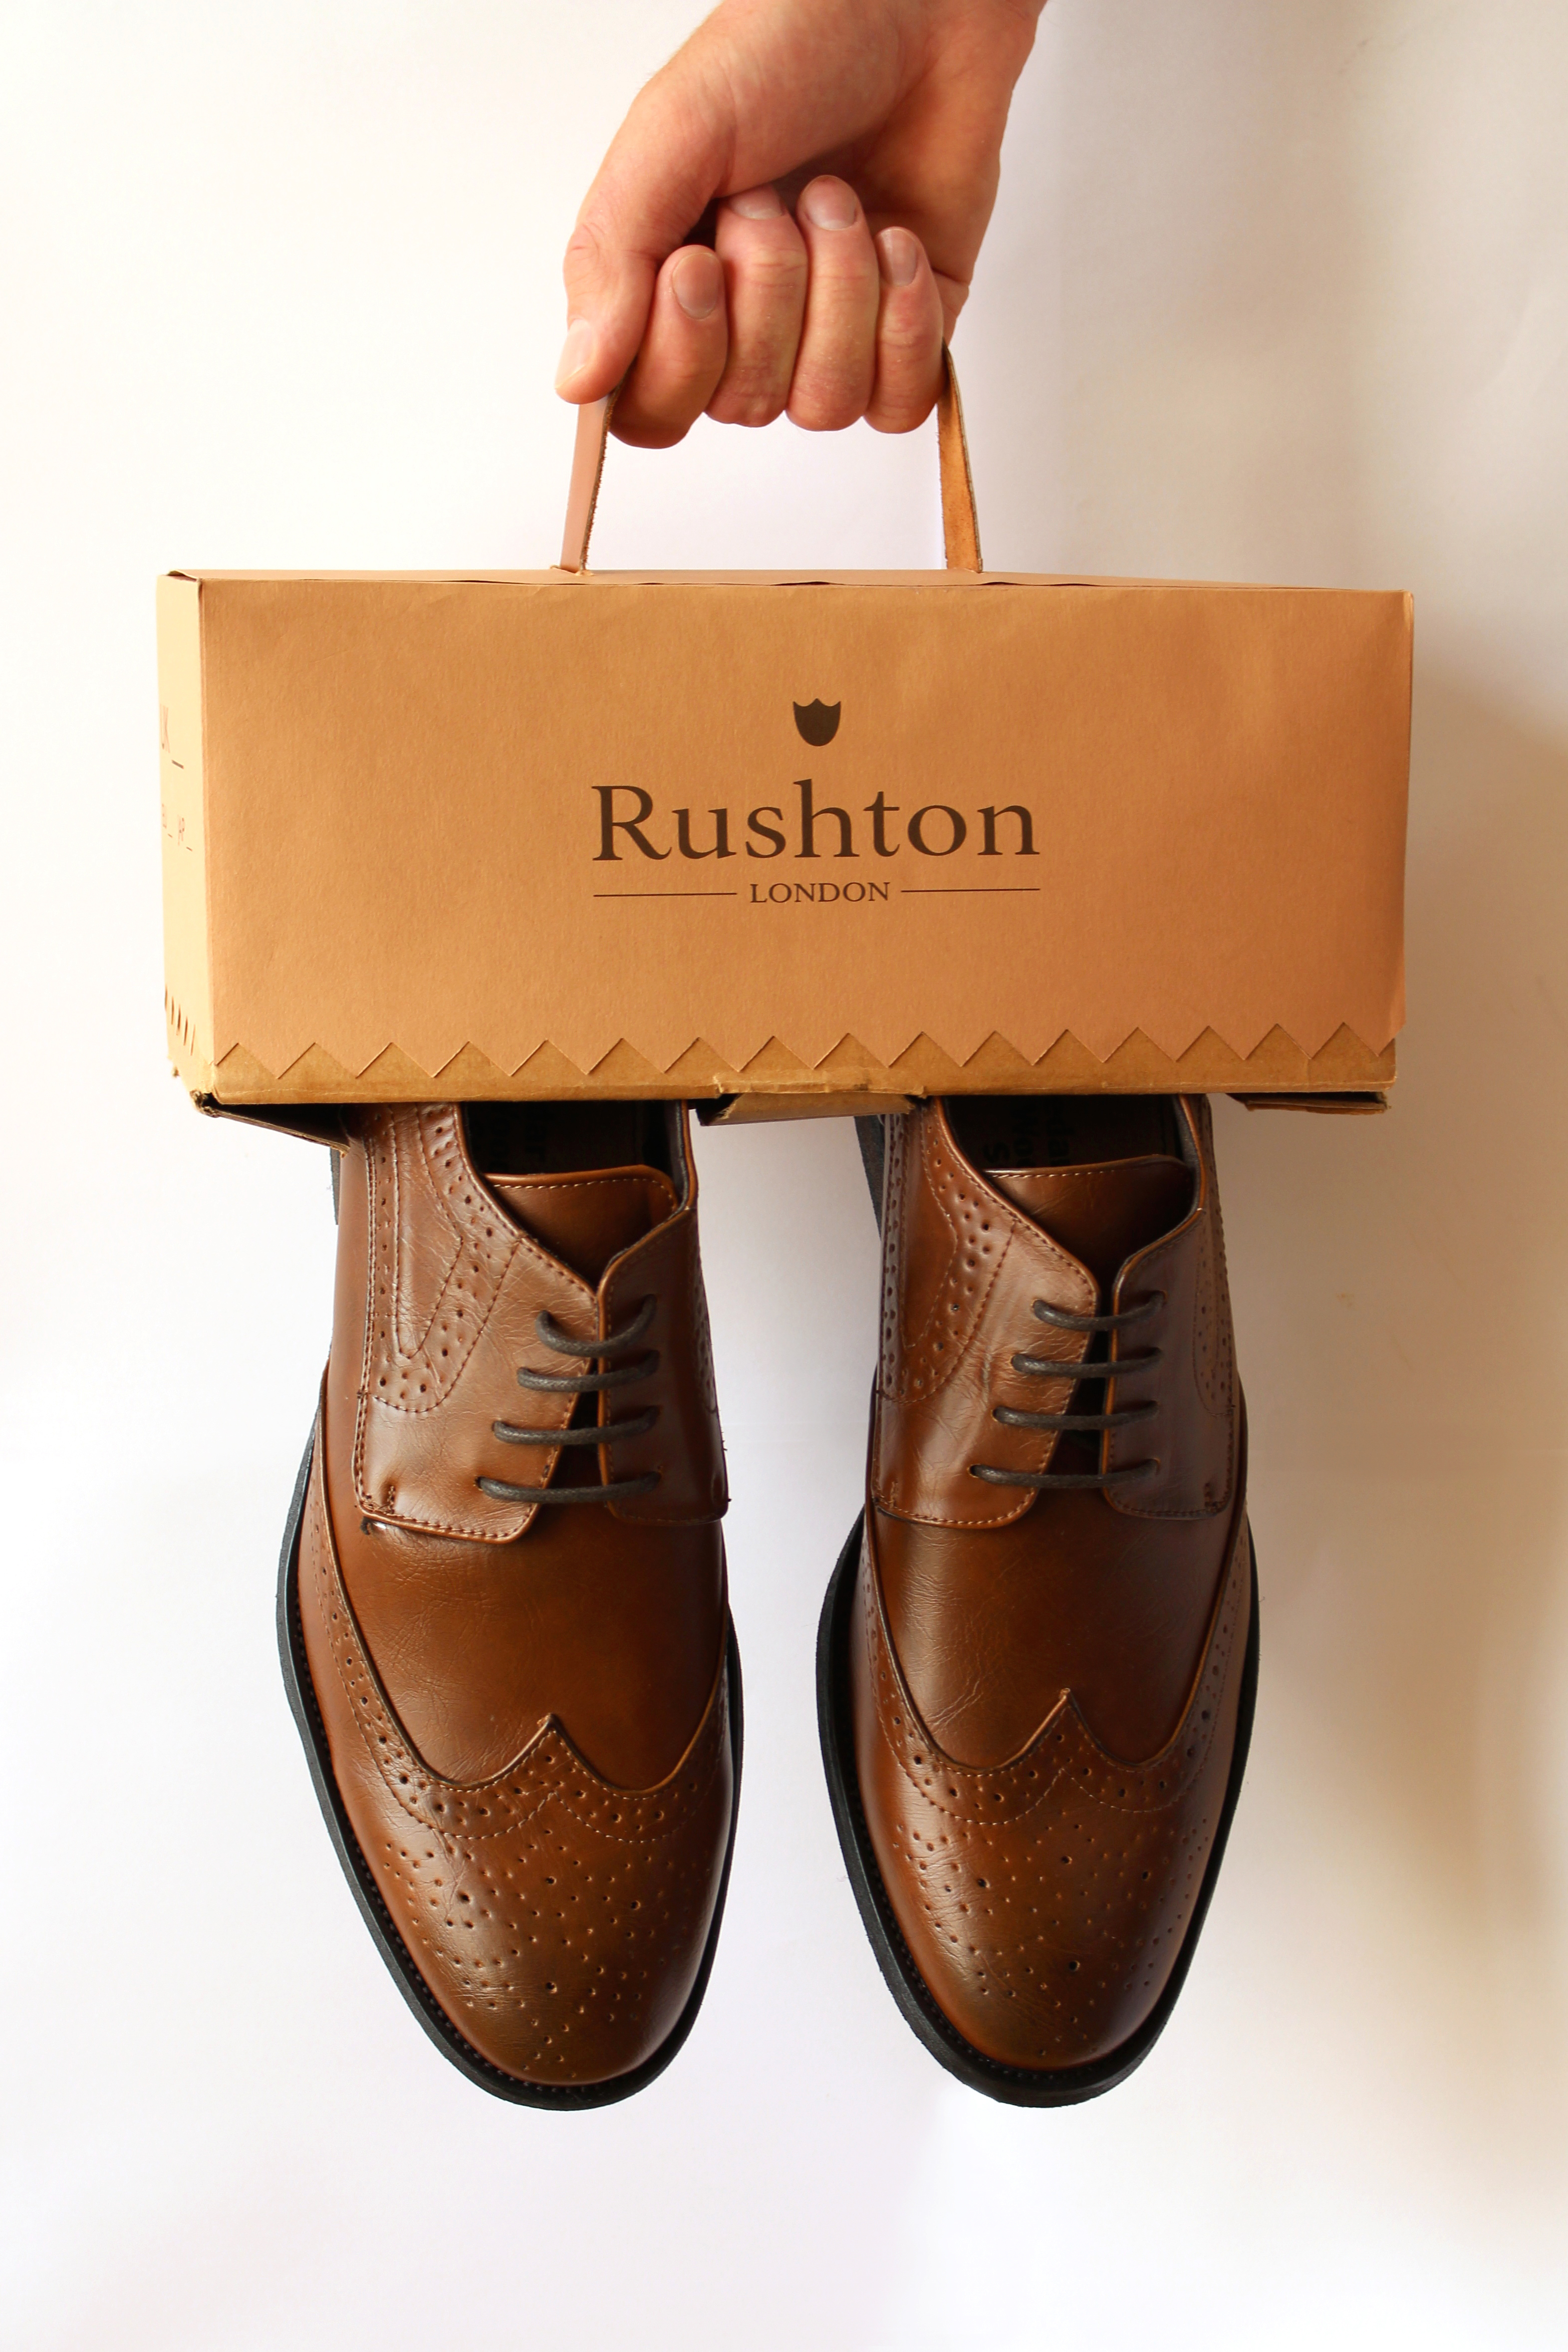 Rushton carrier/packaging